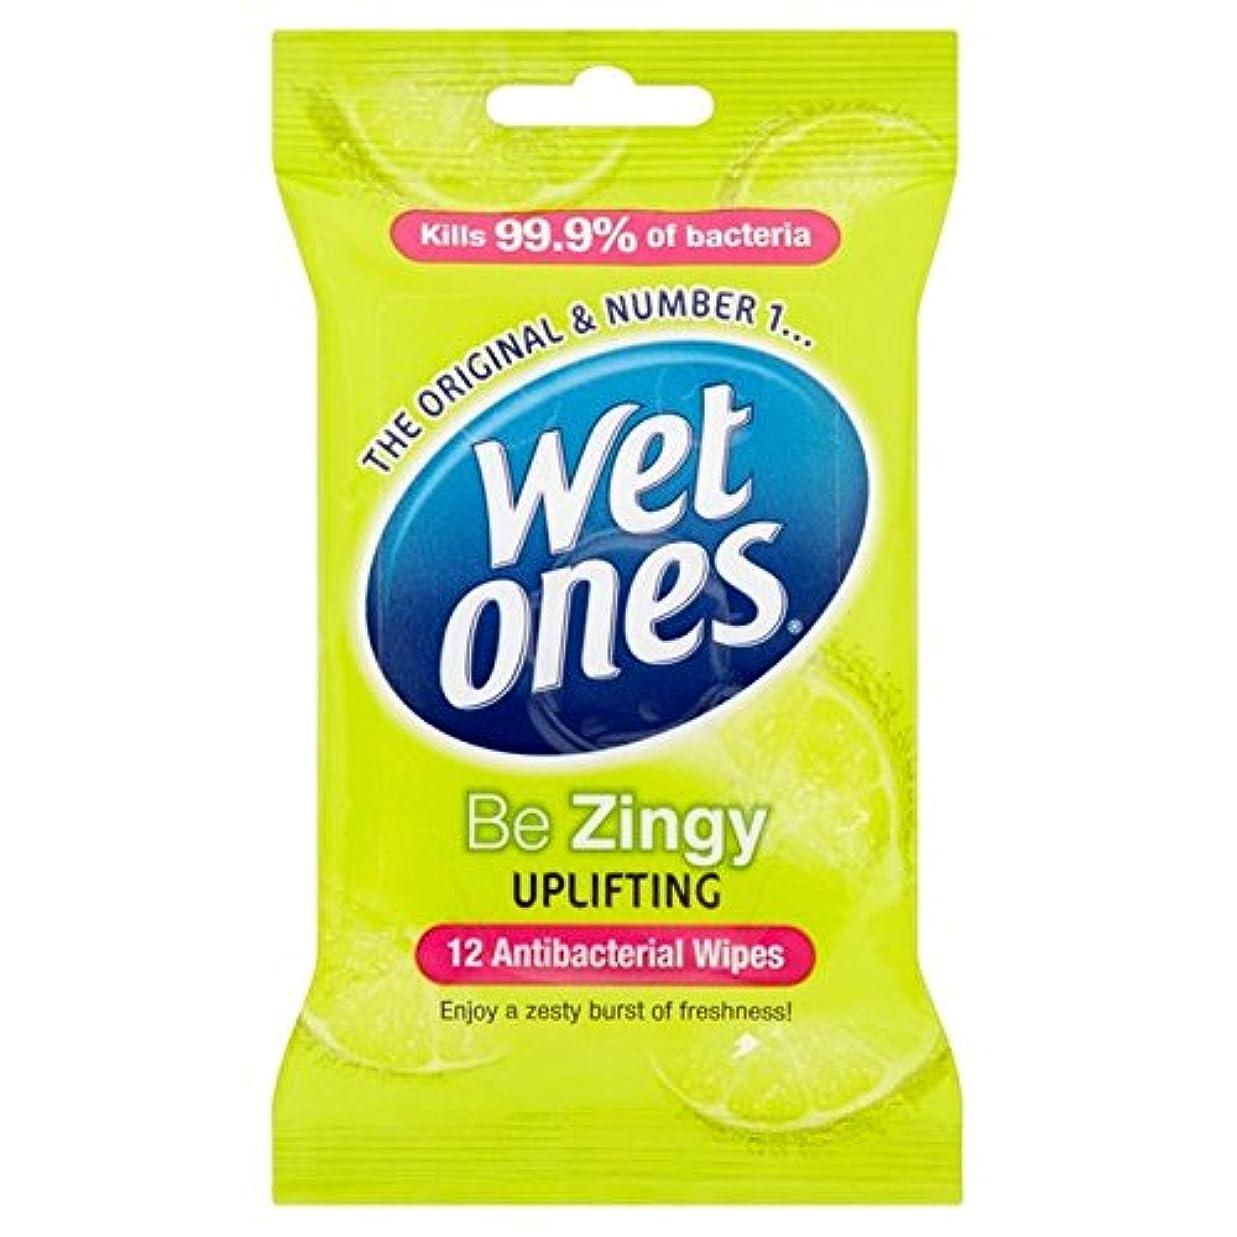 独裁ヶ月目うん抗バクテリアをクレンジング湿ったものはパックごとに12ワイプ x2 - Wet Ones Cleansing Anti Bacterial Wipes 12 per pack (Pack of 2) [並行輸入品]